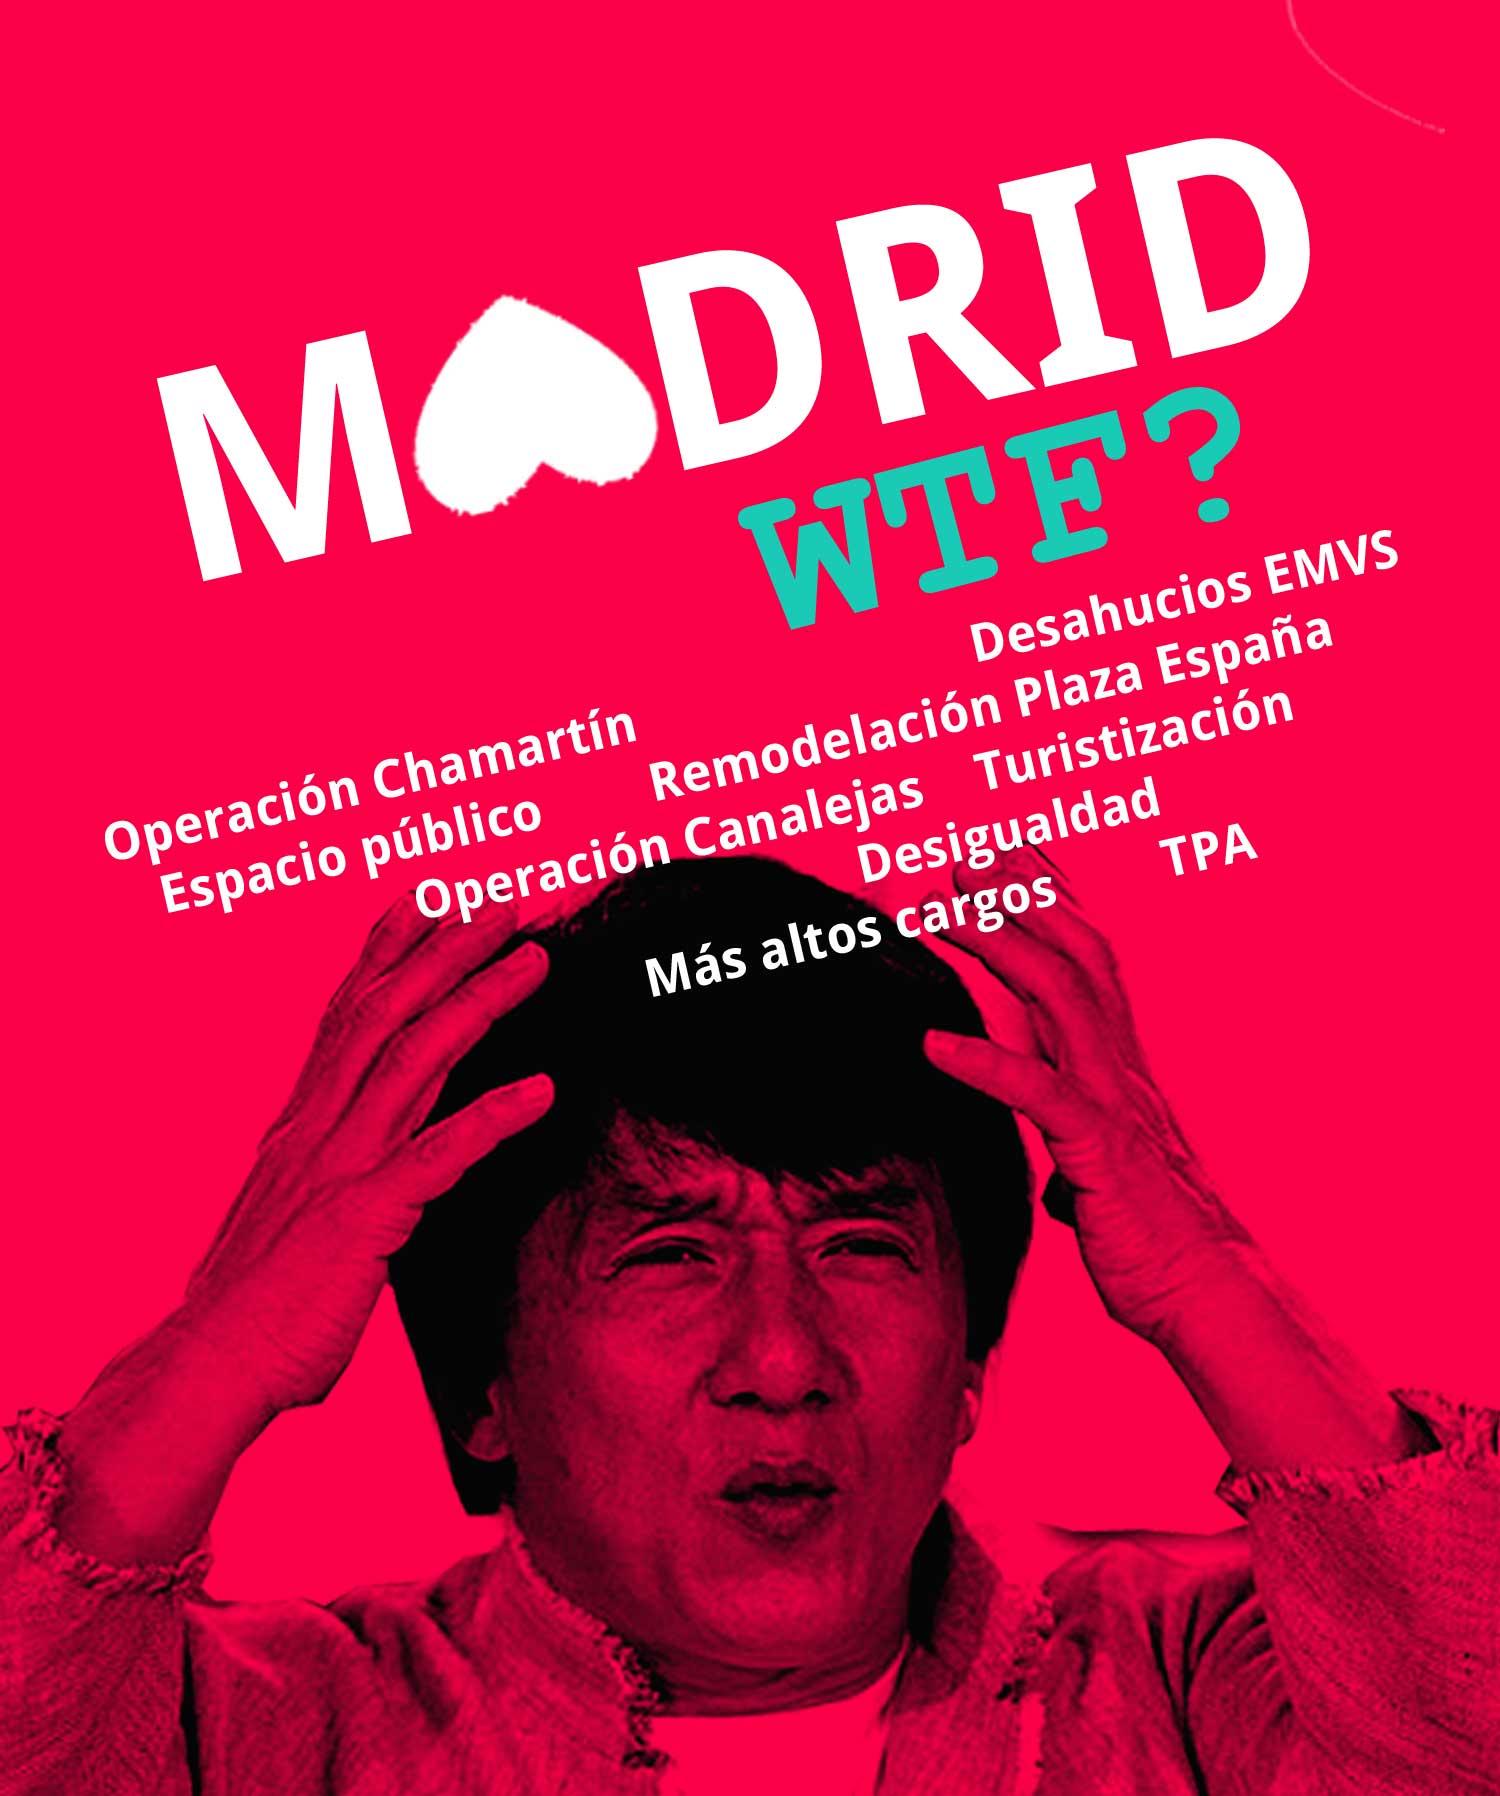 MADRID WTF